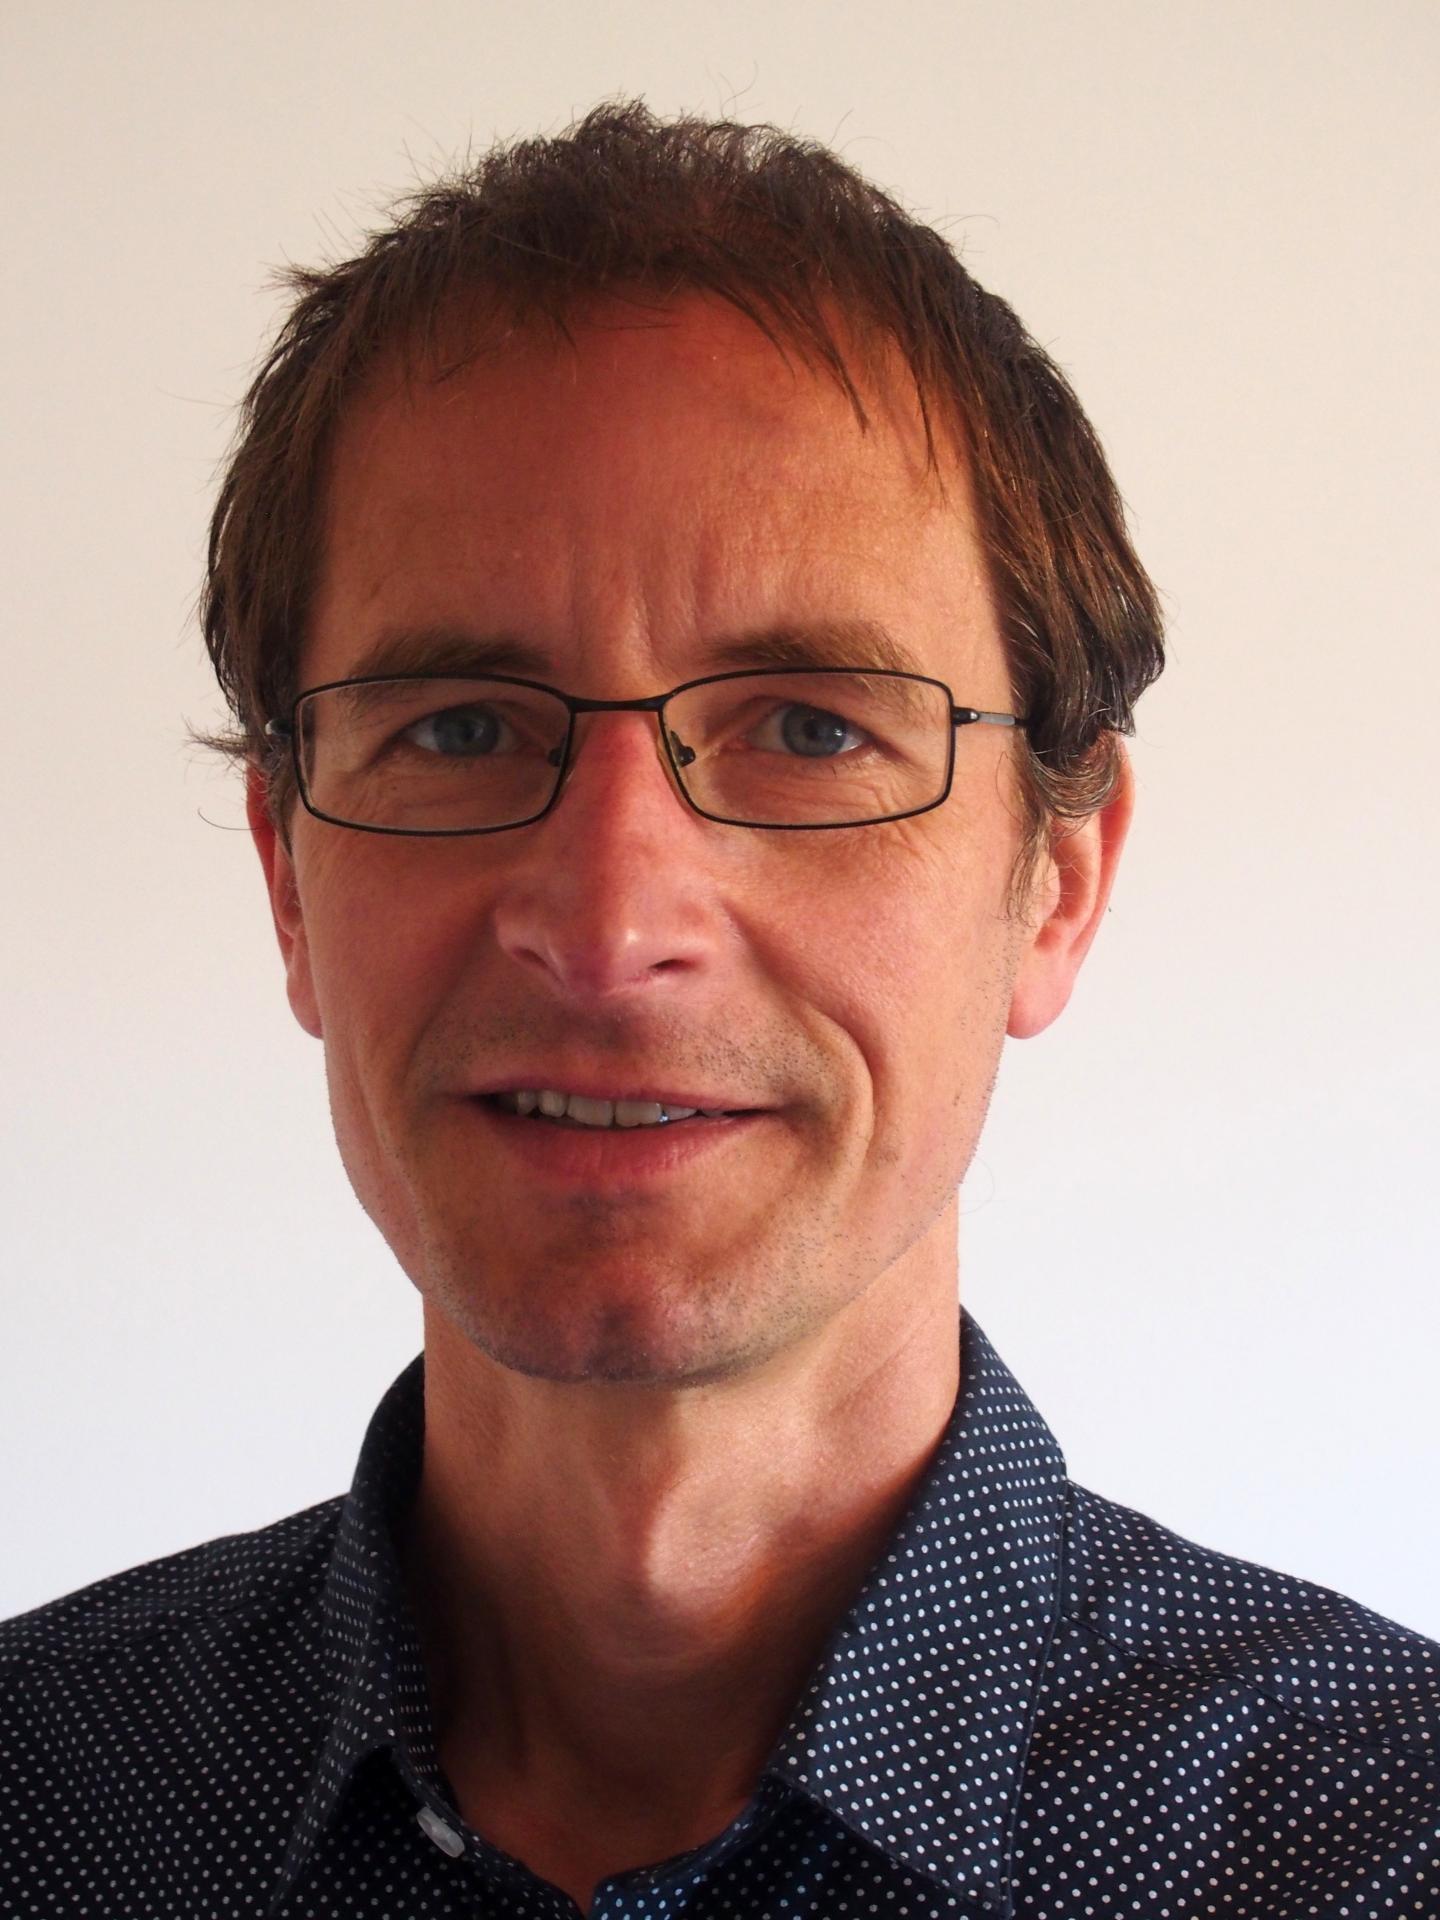 Jens-Arne Subke, University of Stirling